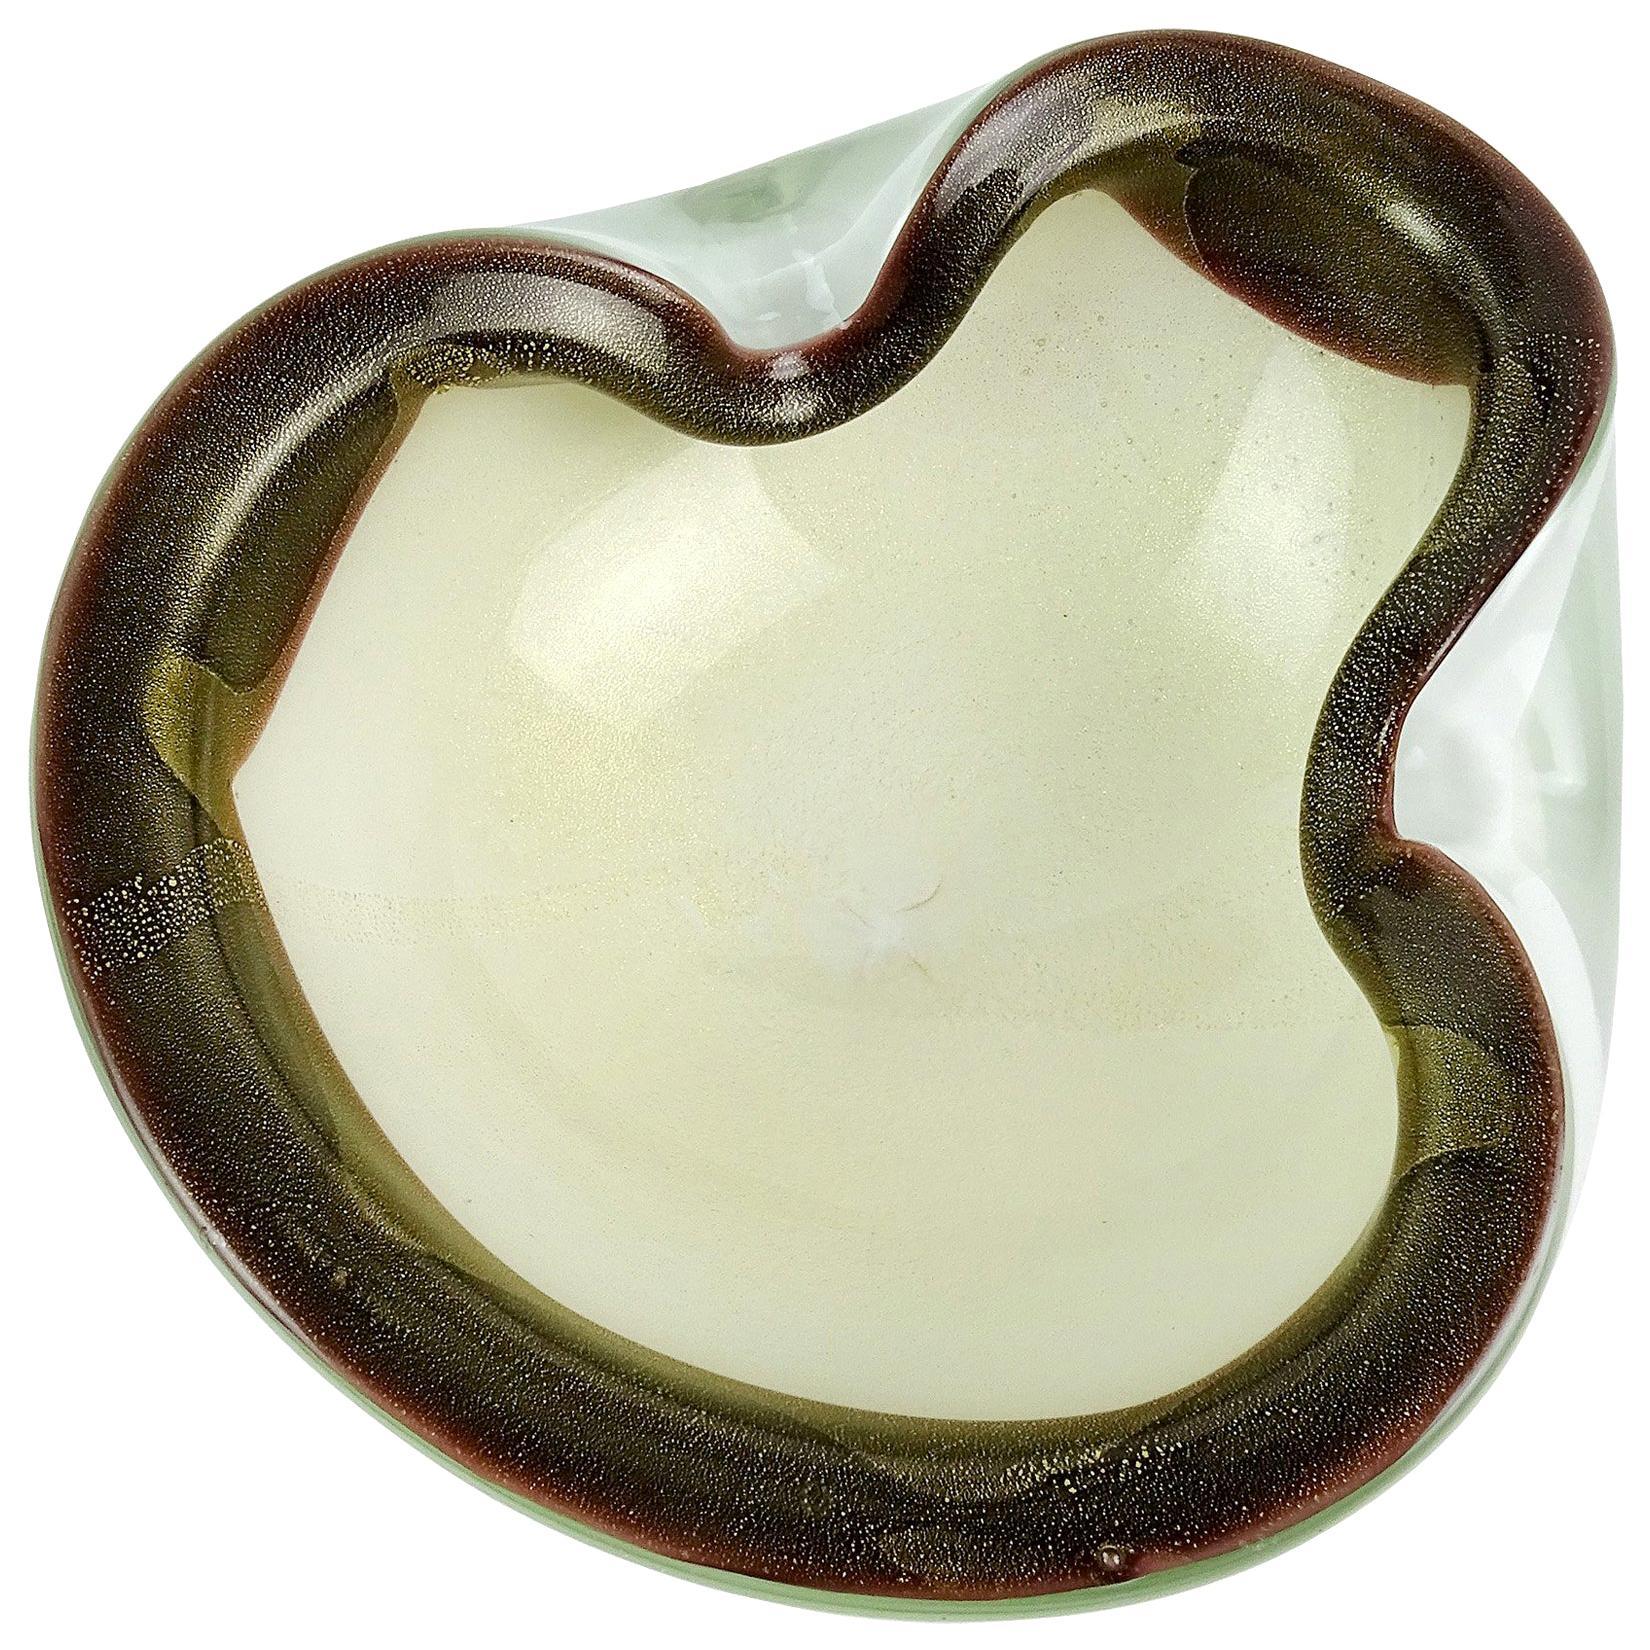 Alfredo Barbini Murano White Gold Flecks Black Spots Italian Art Glass Bowl